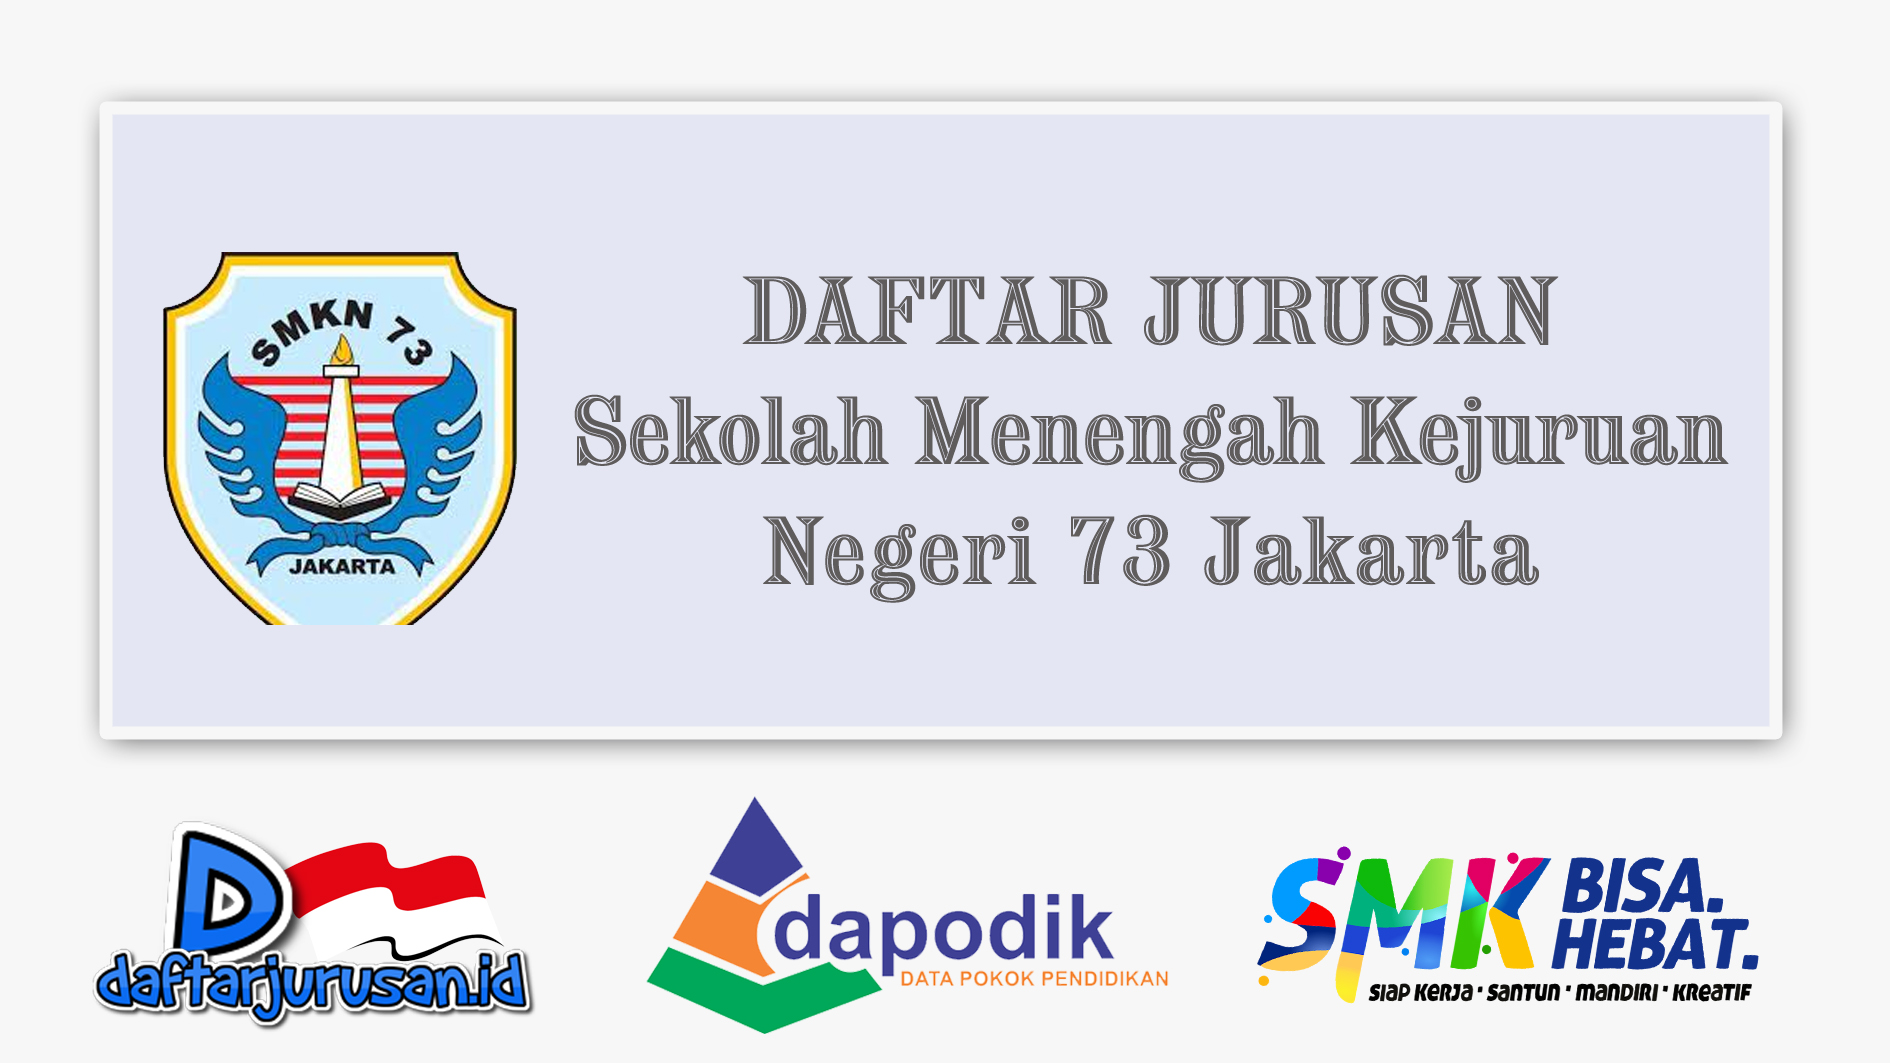 Daftar Jurusan SMK Negeri 73 Jakarta Barat